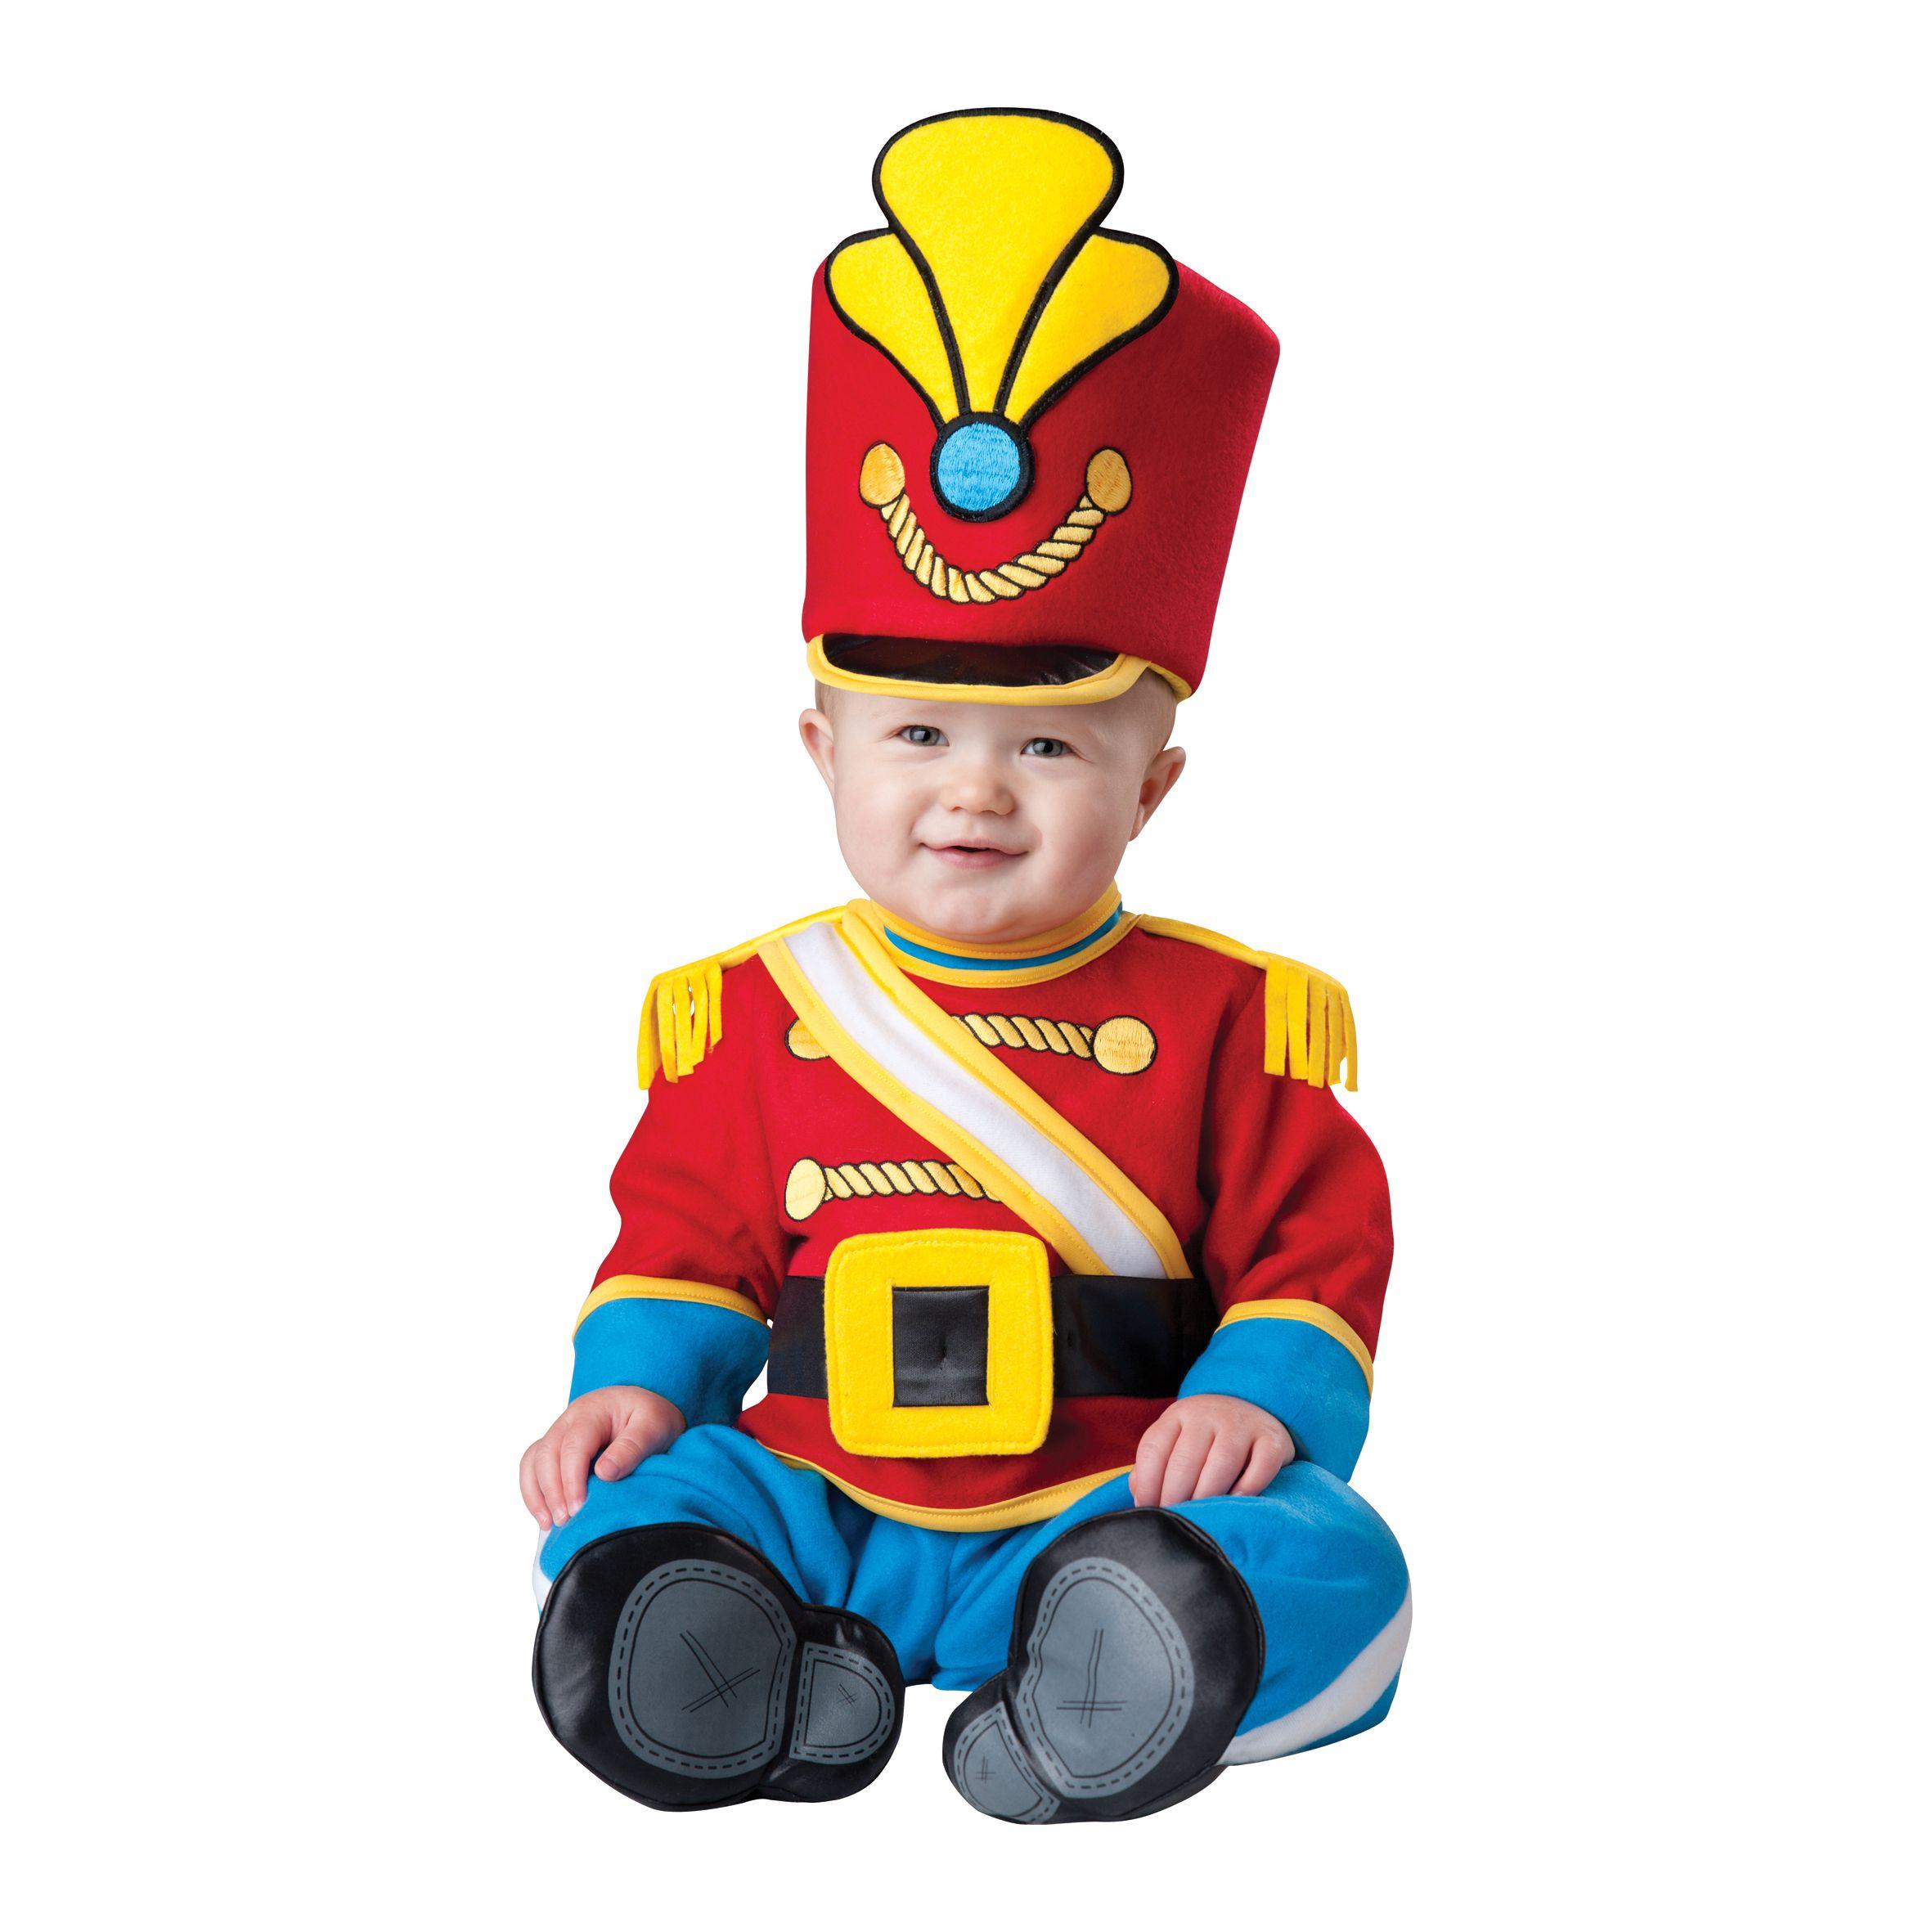 incharacter costumes ref soldado de juguete bebe incluye traje especial para que cambies